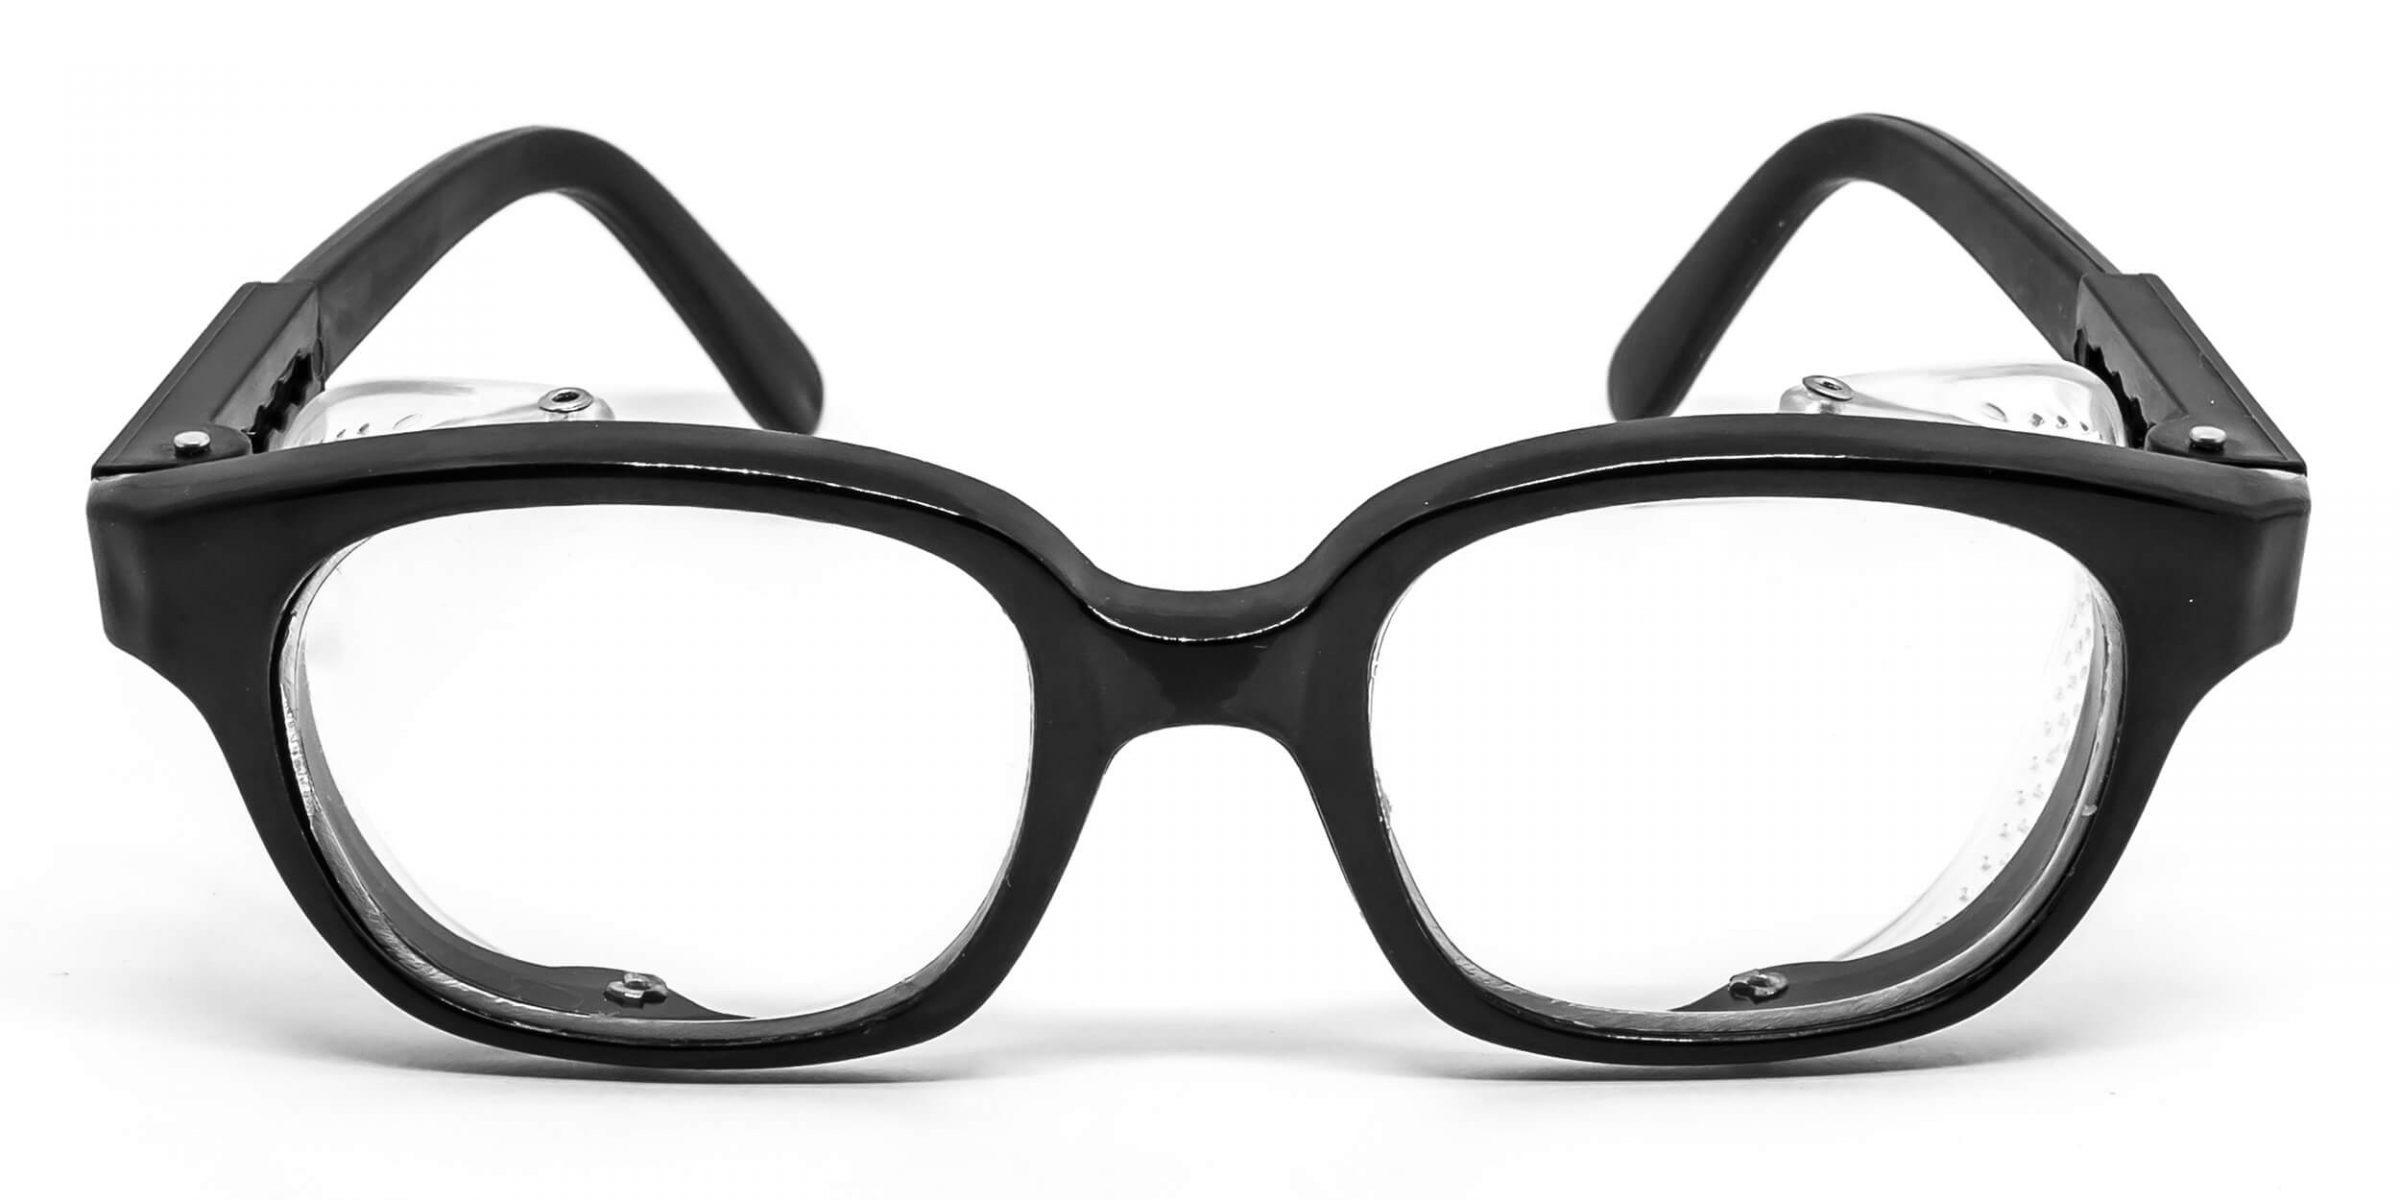 Óculos com proteção lateral móvel, orifícios laterais e haste retrátil. 18b8a0b4df